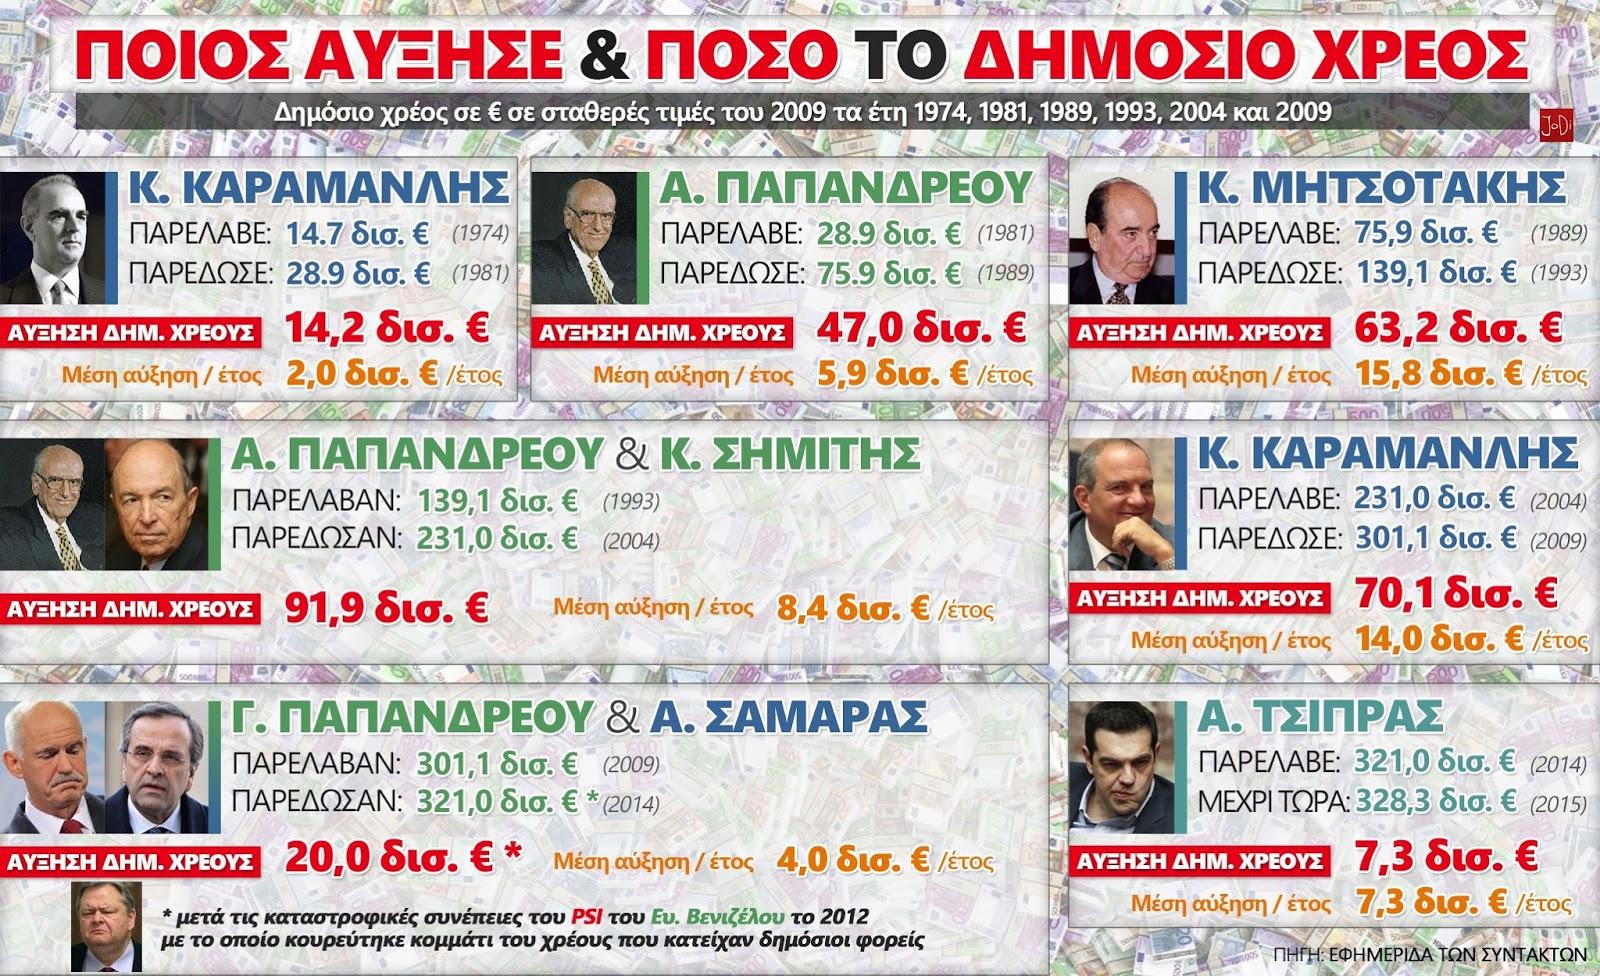 Ποιος αύξησε και πόσο το δημόσιο χρέος στην Ελλάδα; (1974–2015)